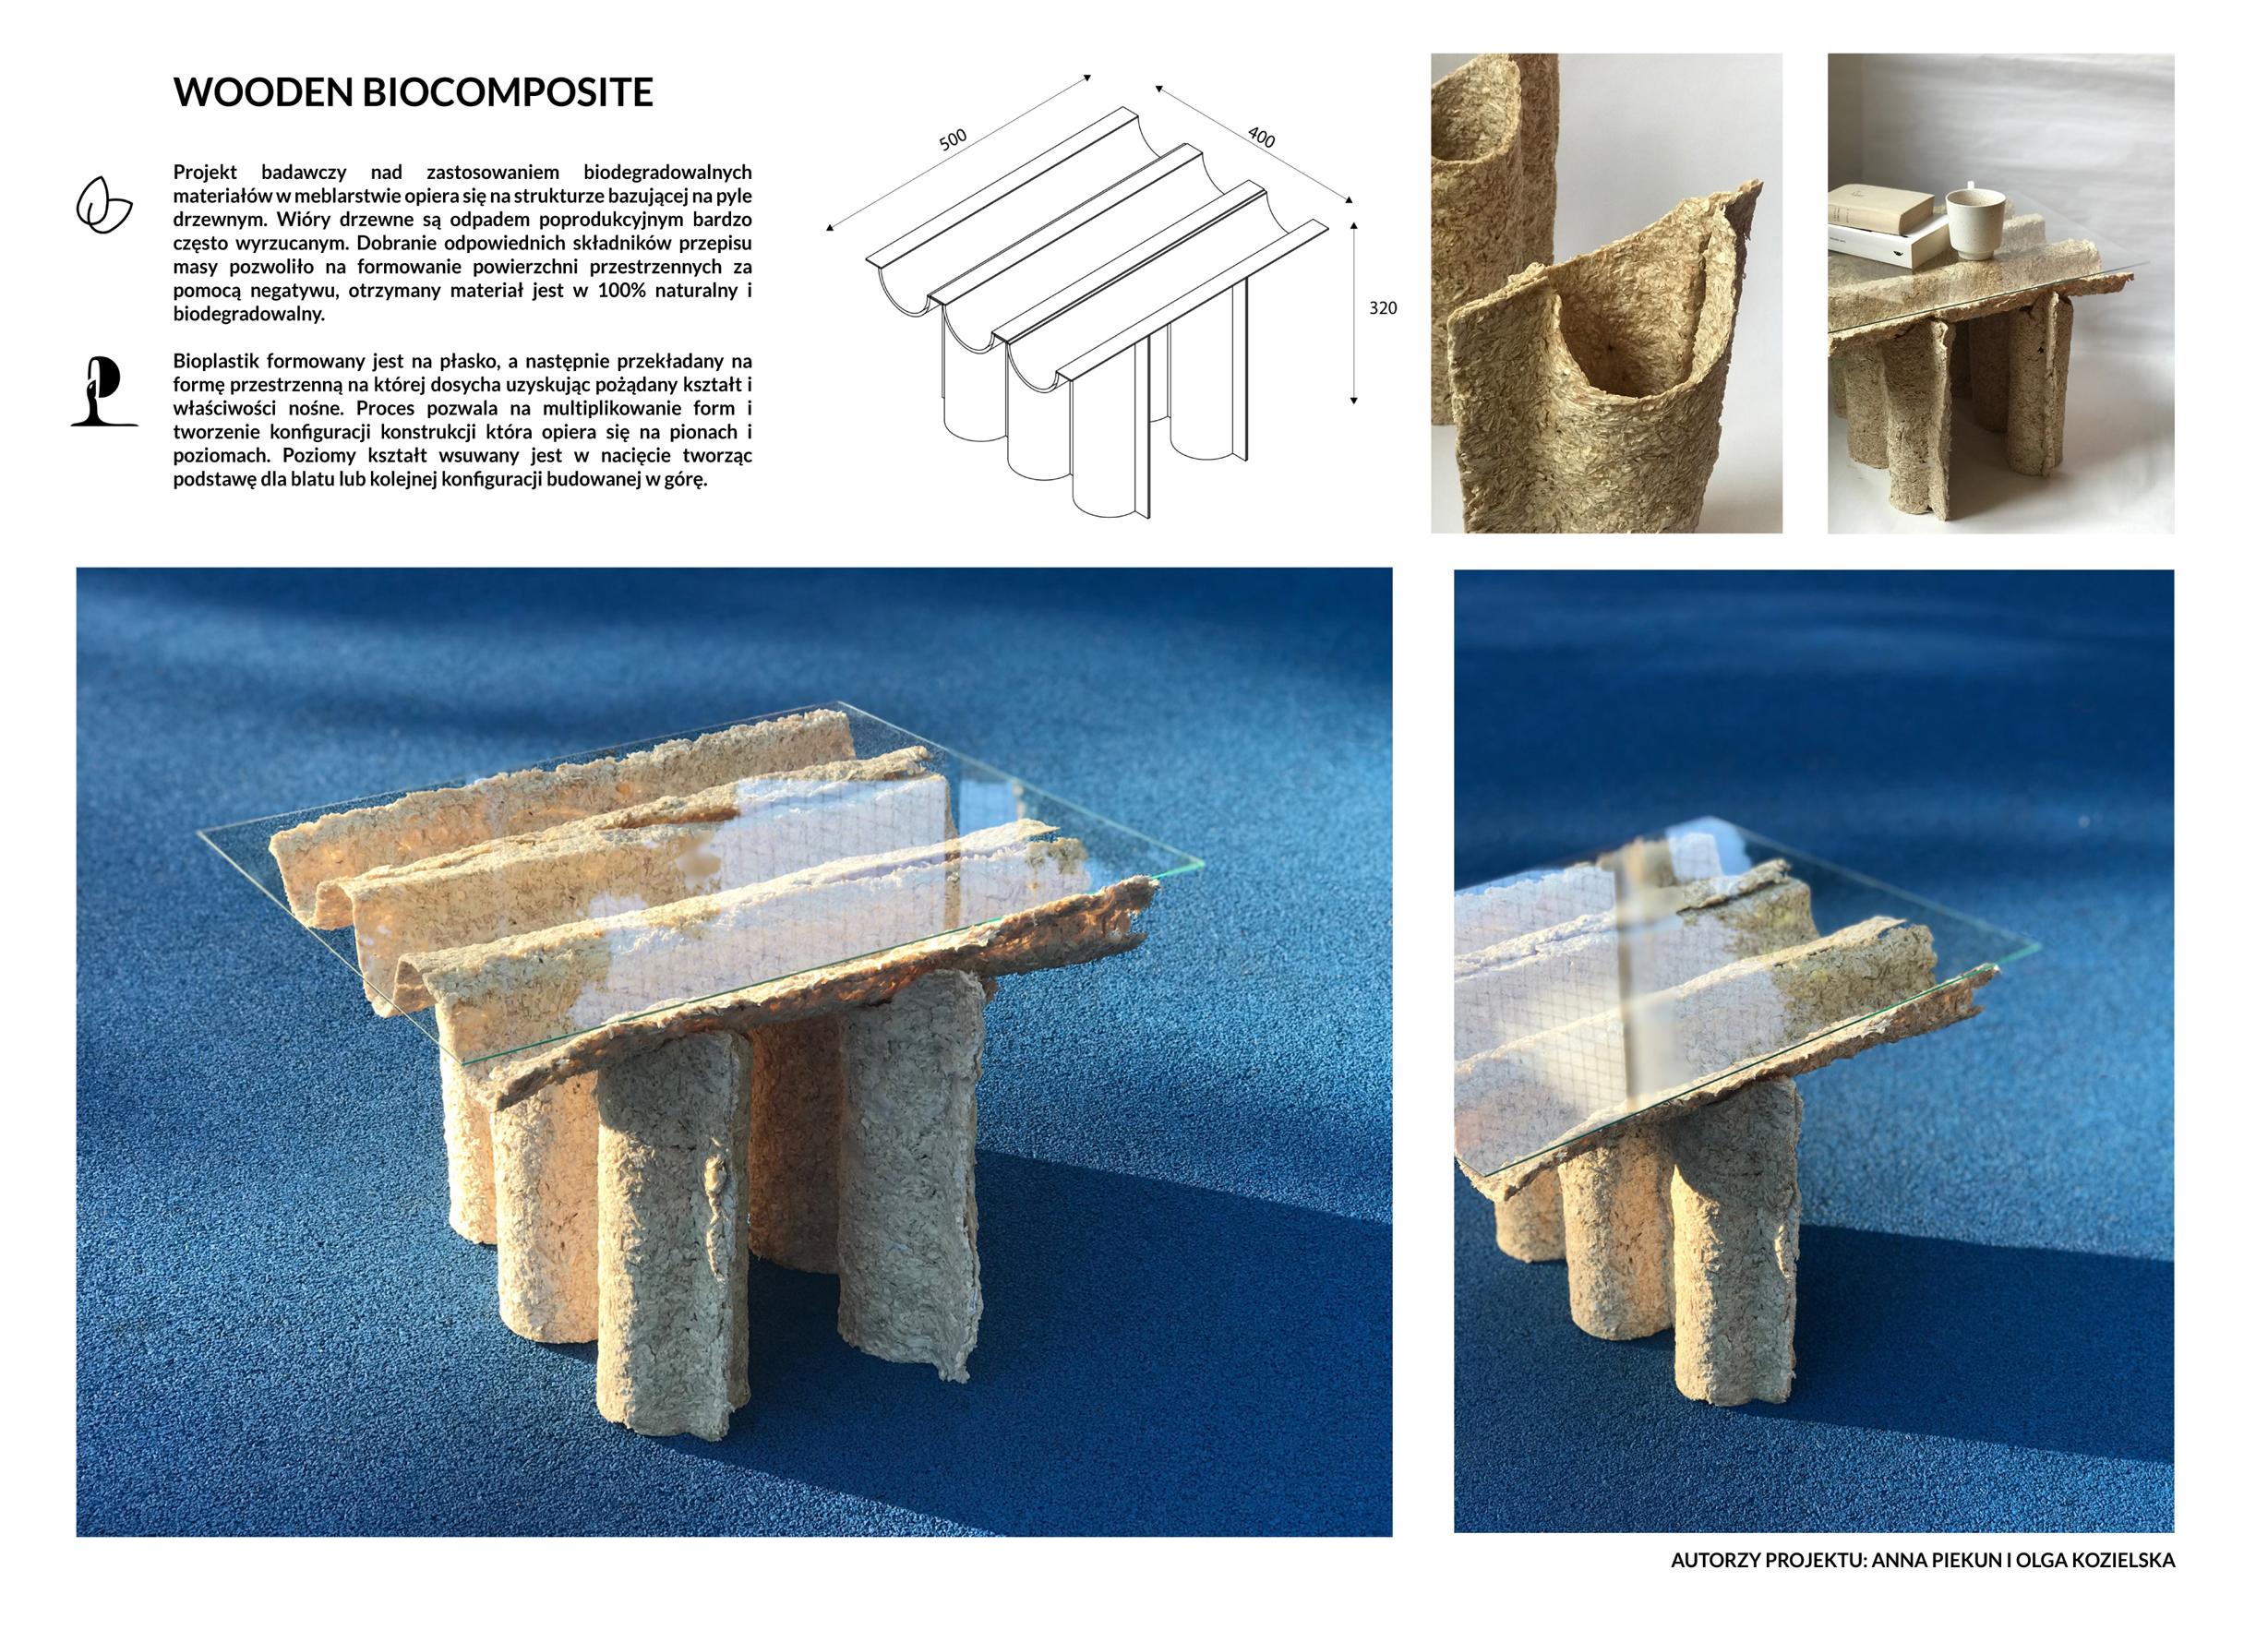 Wooden biocomposite